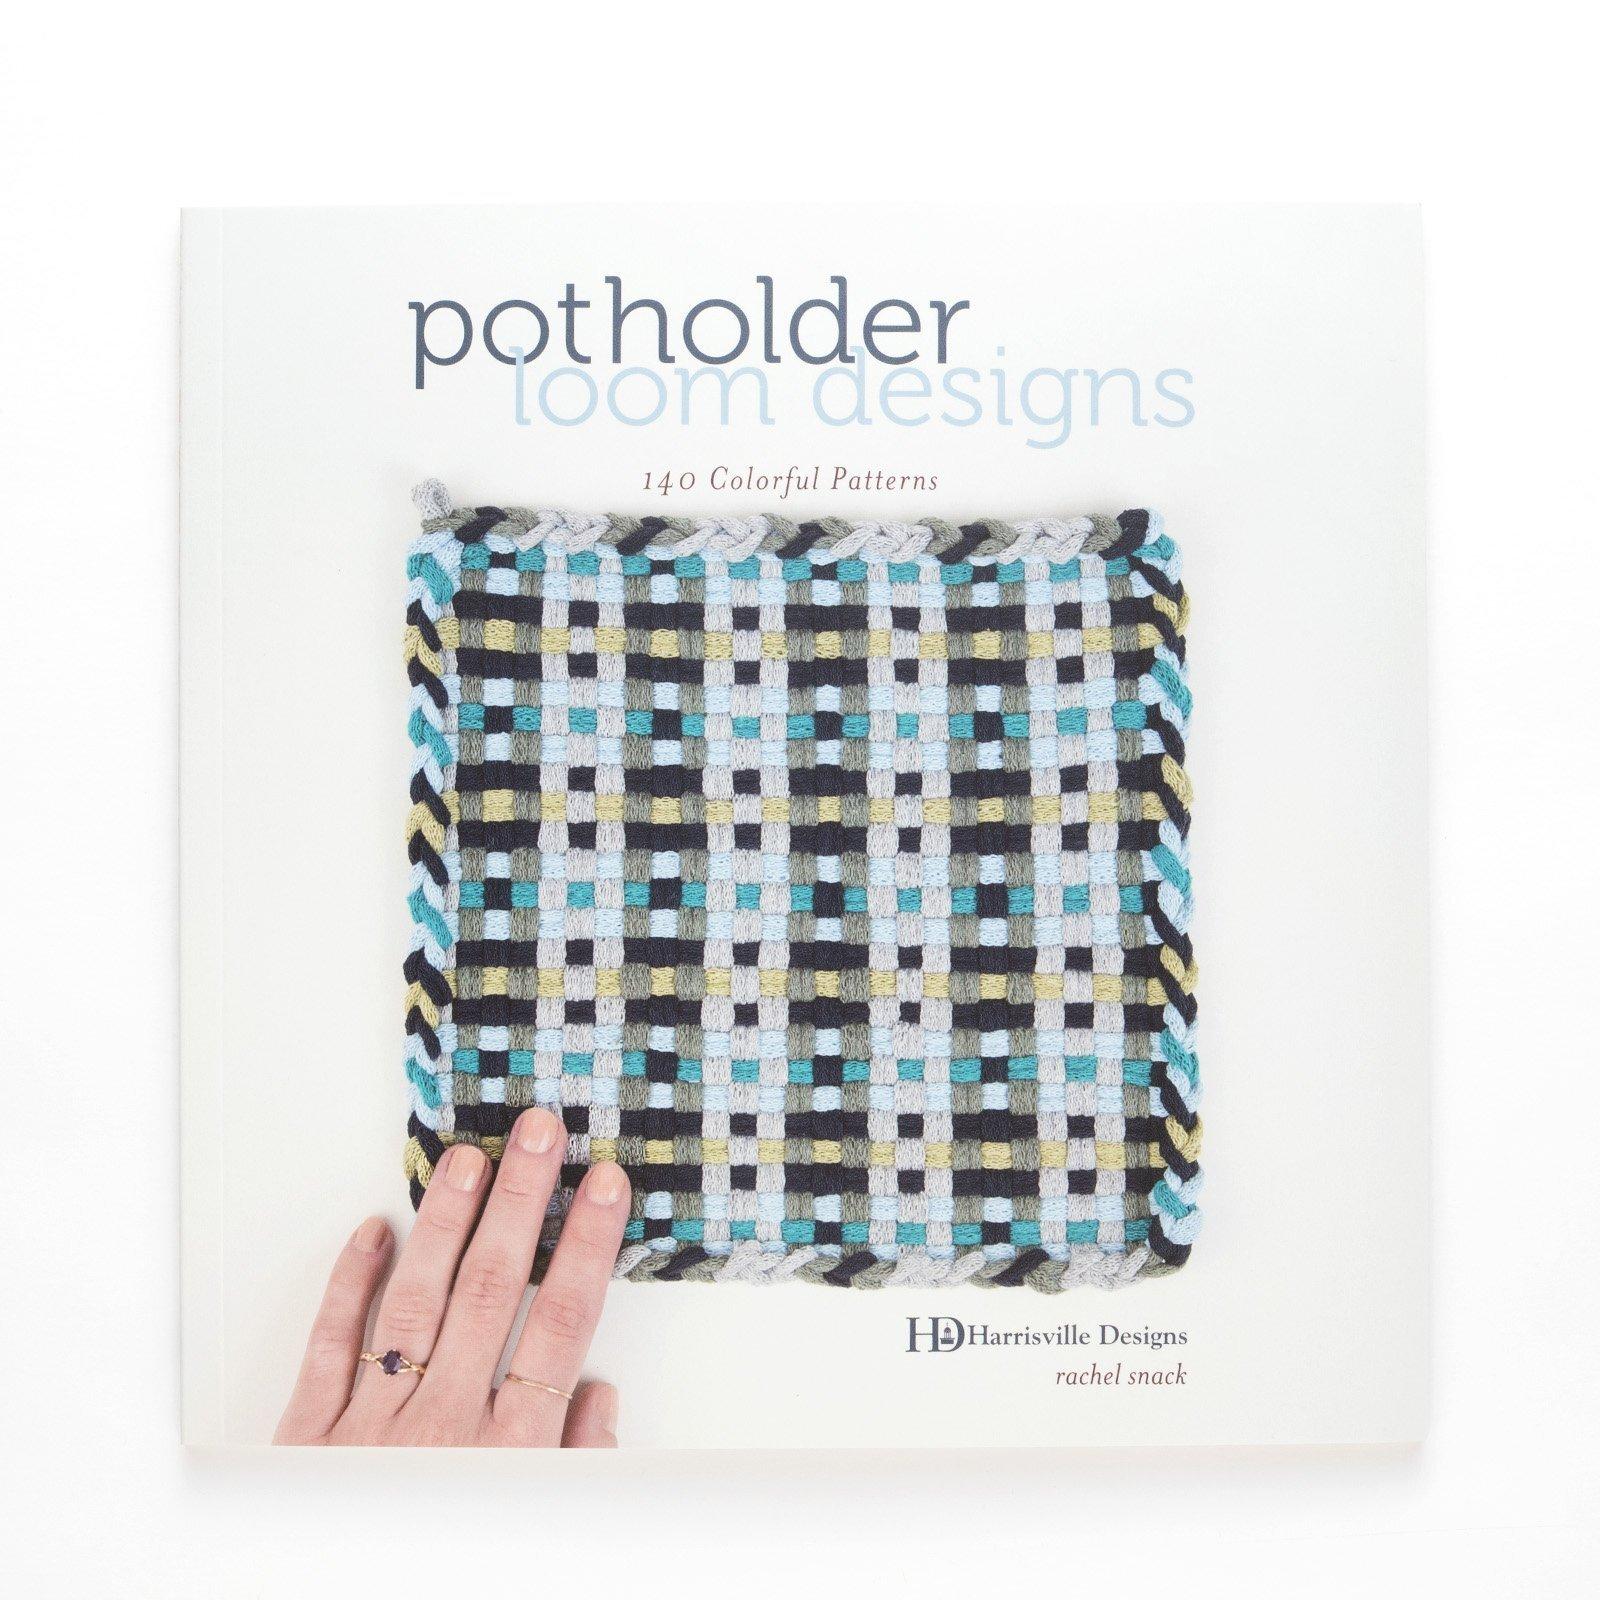 Potholder Loom Designs